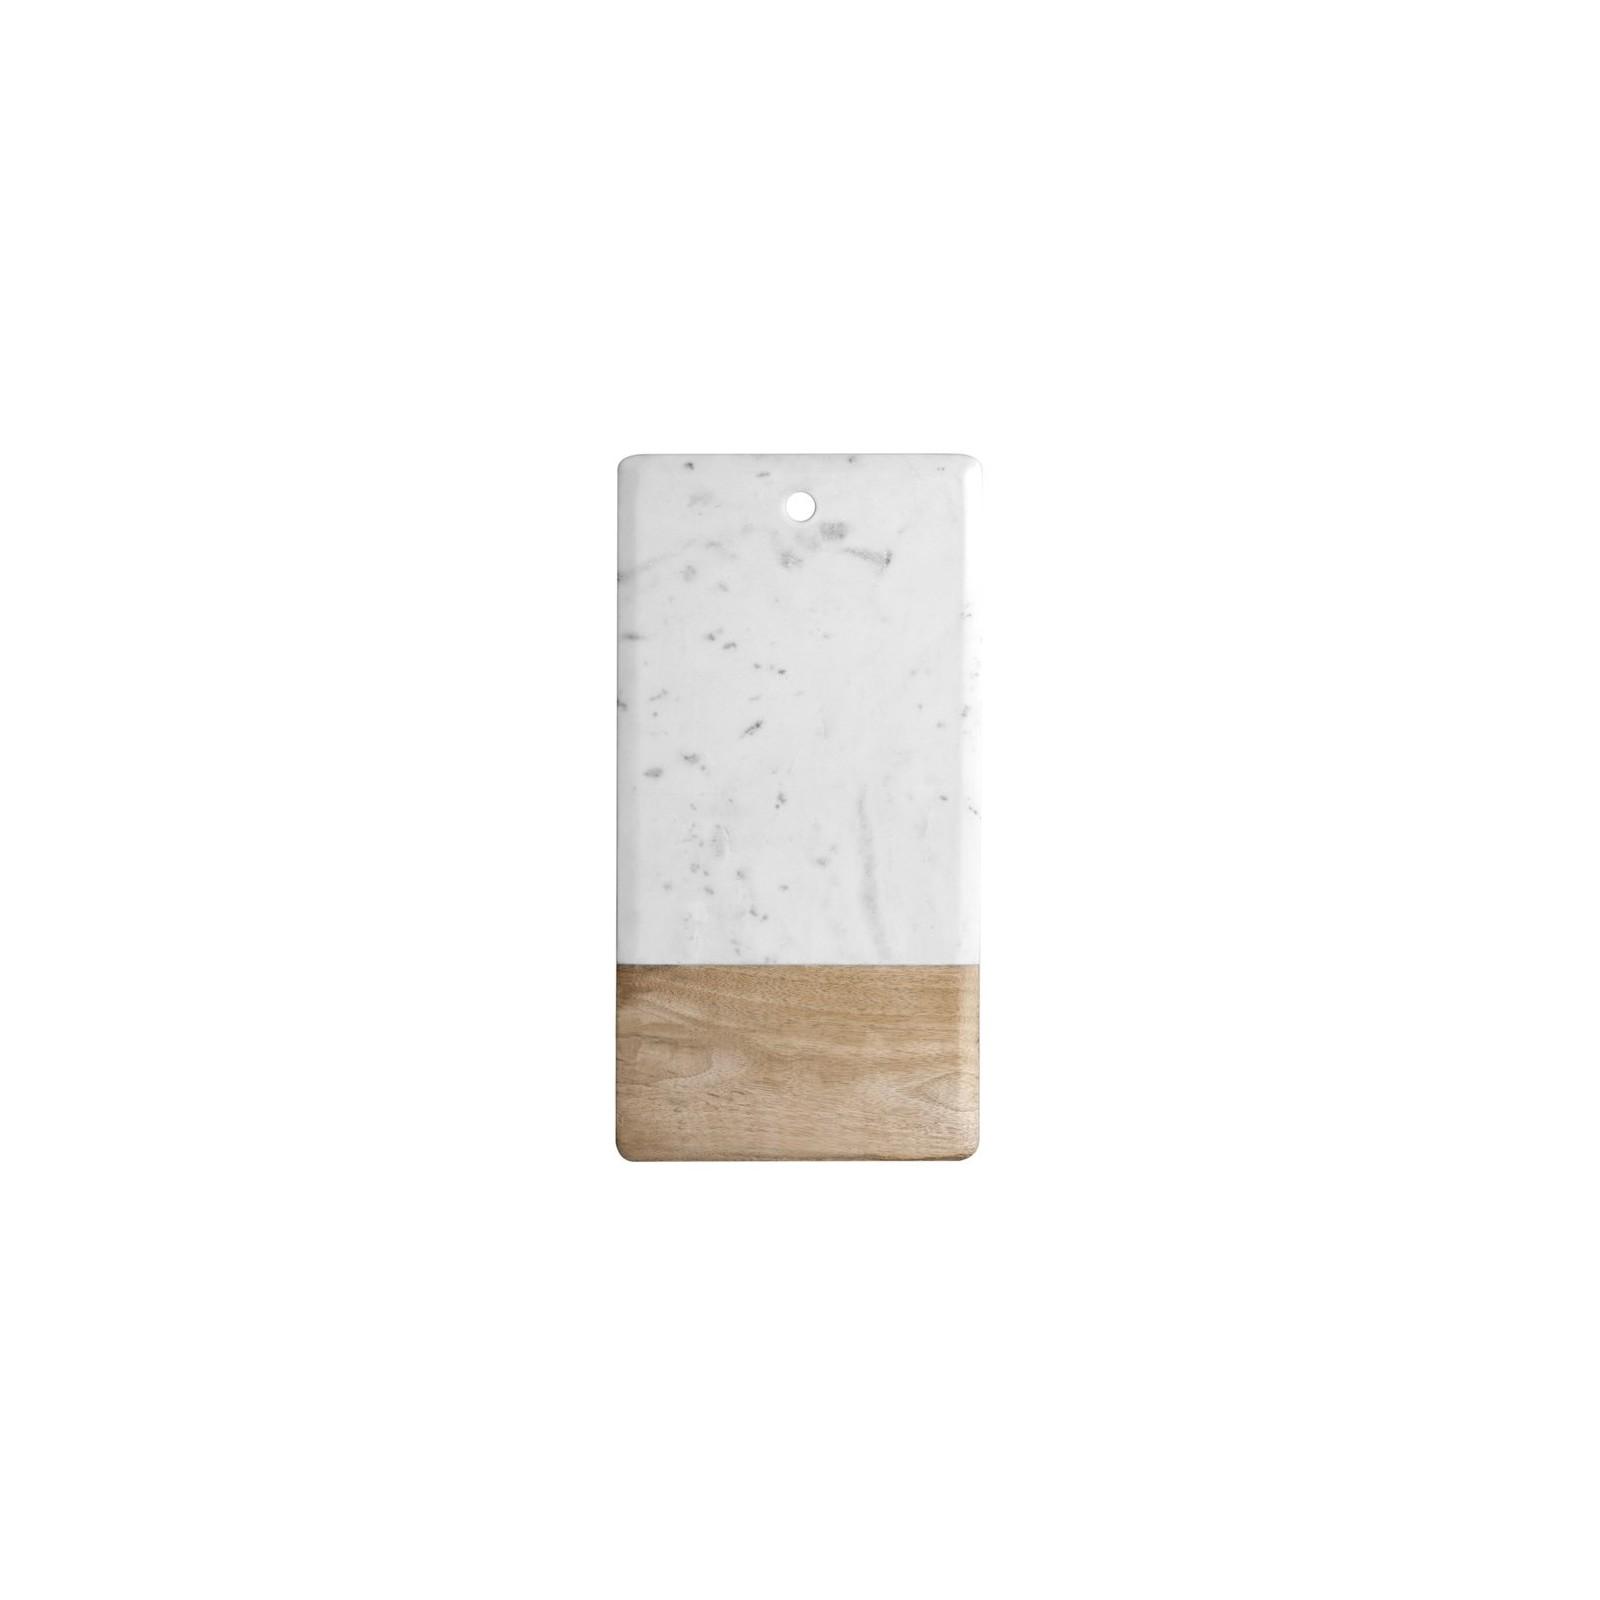 Planche d couper marbre bois arne concept for Planche a decouper marbre